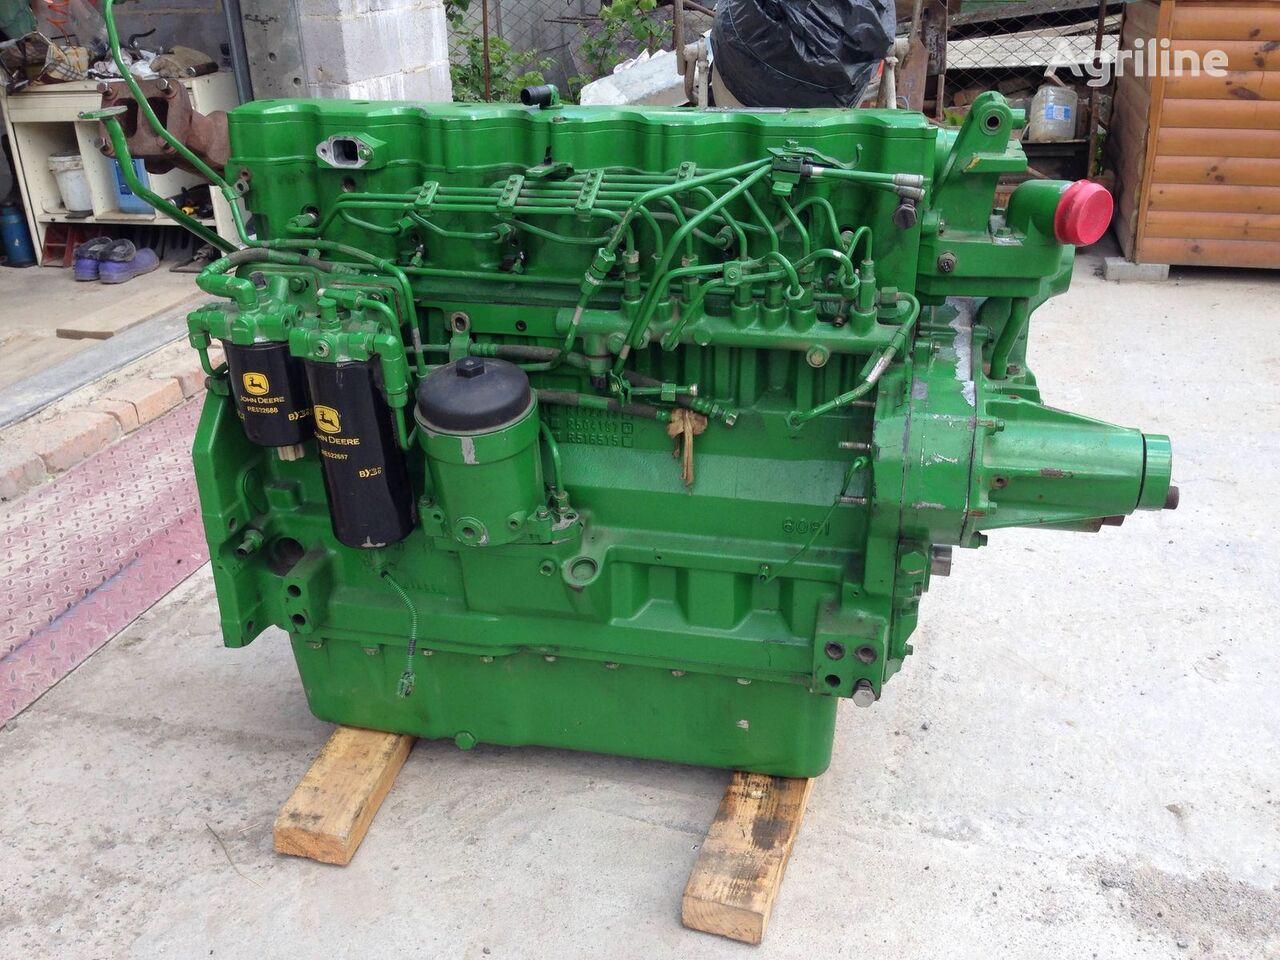 new JOHN DEERE engine for JOHN DEERE tractor